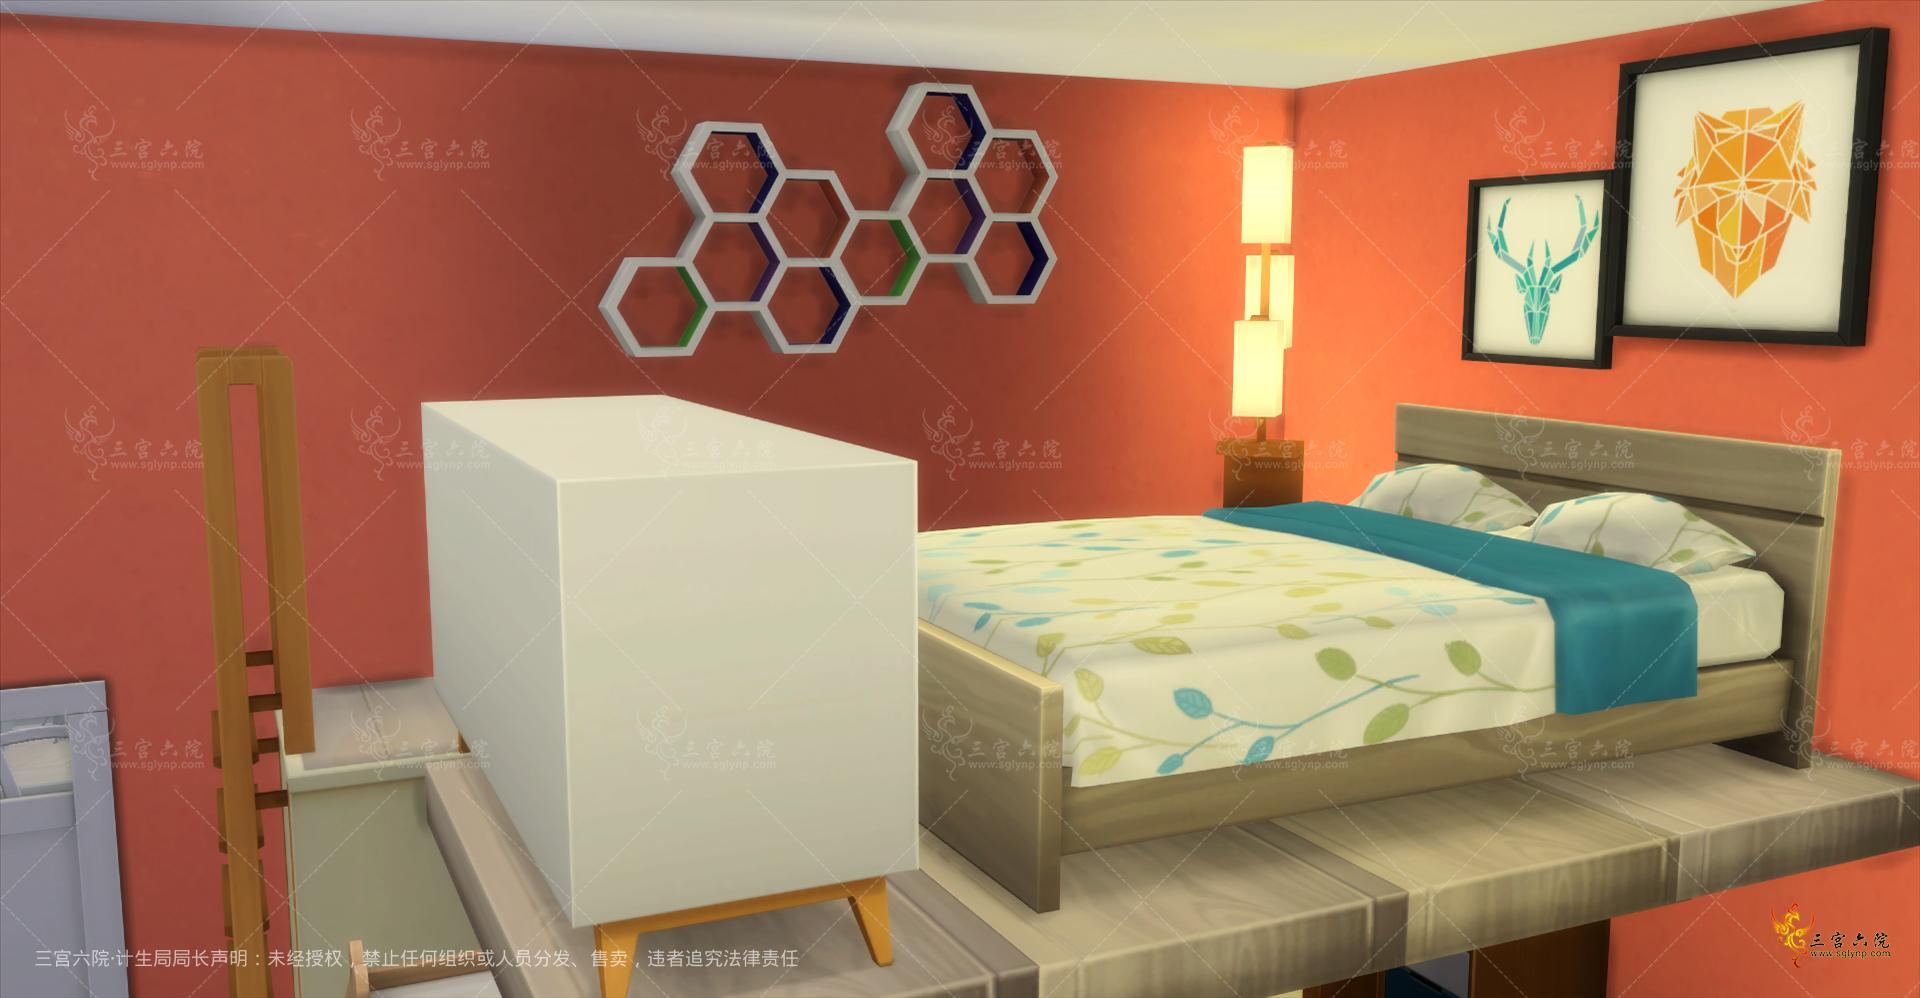 Sims 4 Screenshot 2021.08.23 - 09.08.30.39.png